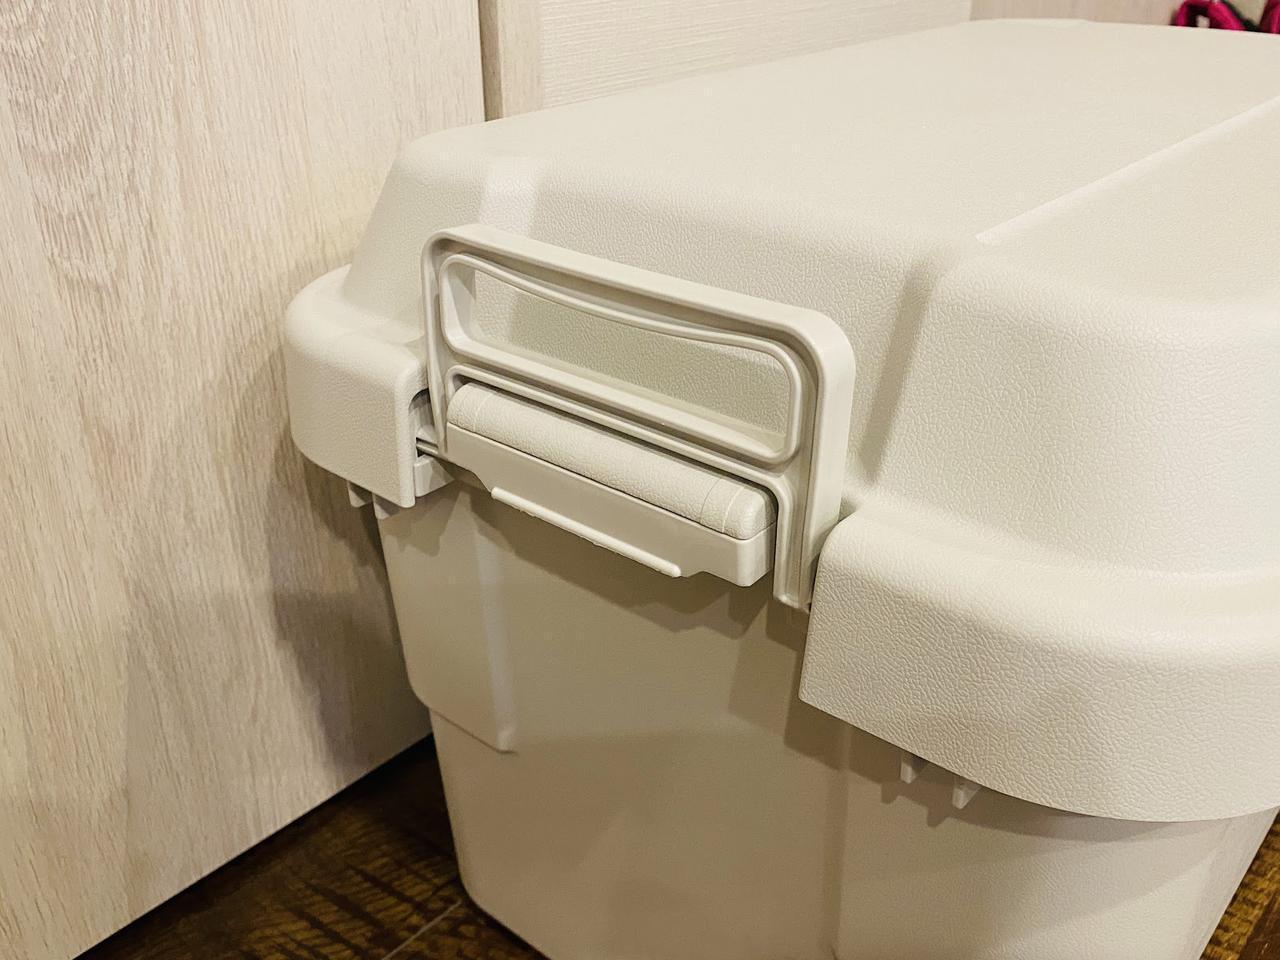 画像: ライター撮影 「ポリプロピレン頑丈収納ボックス(大)」の持ち手部分